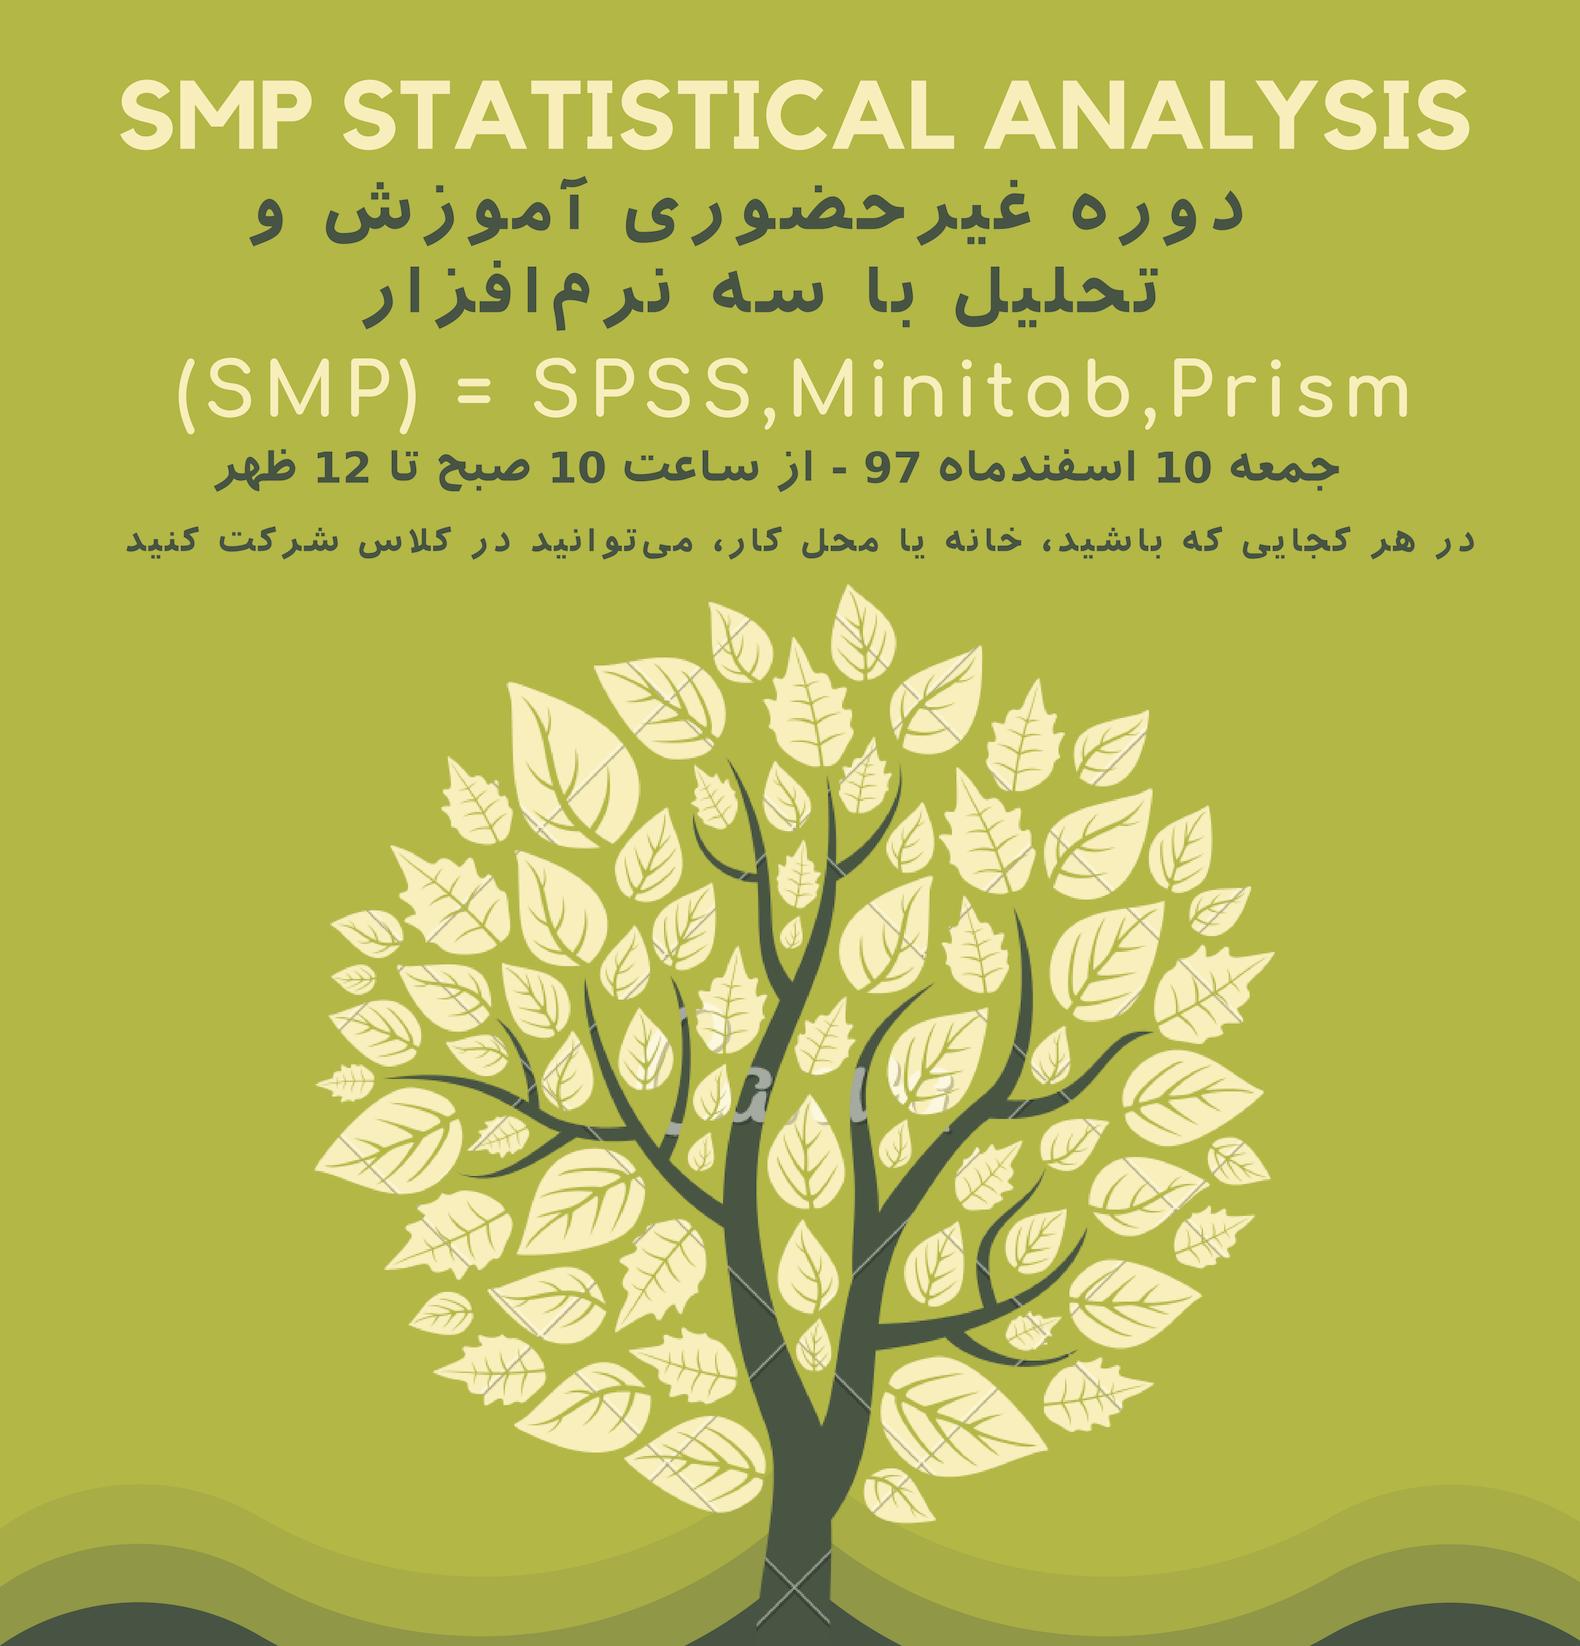 دوره غیرحضوری تحلیل آماری SMP (جمعه 10 اسفند، از خانه شرکت کنید)